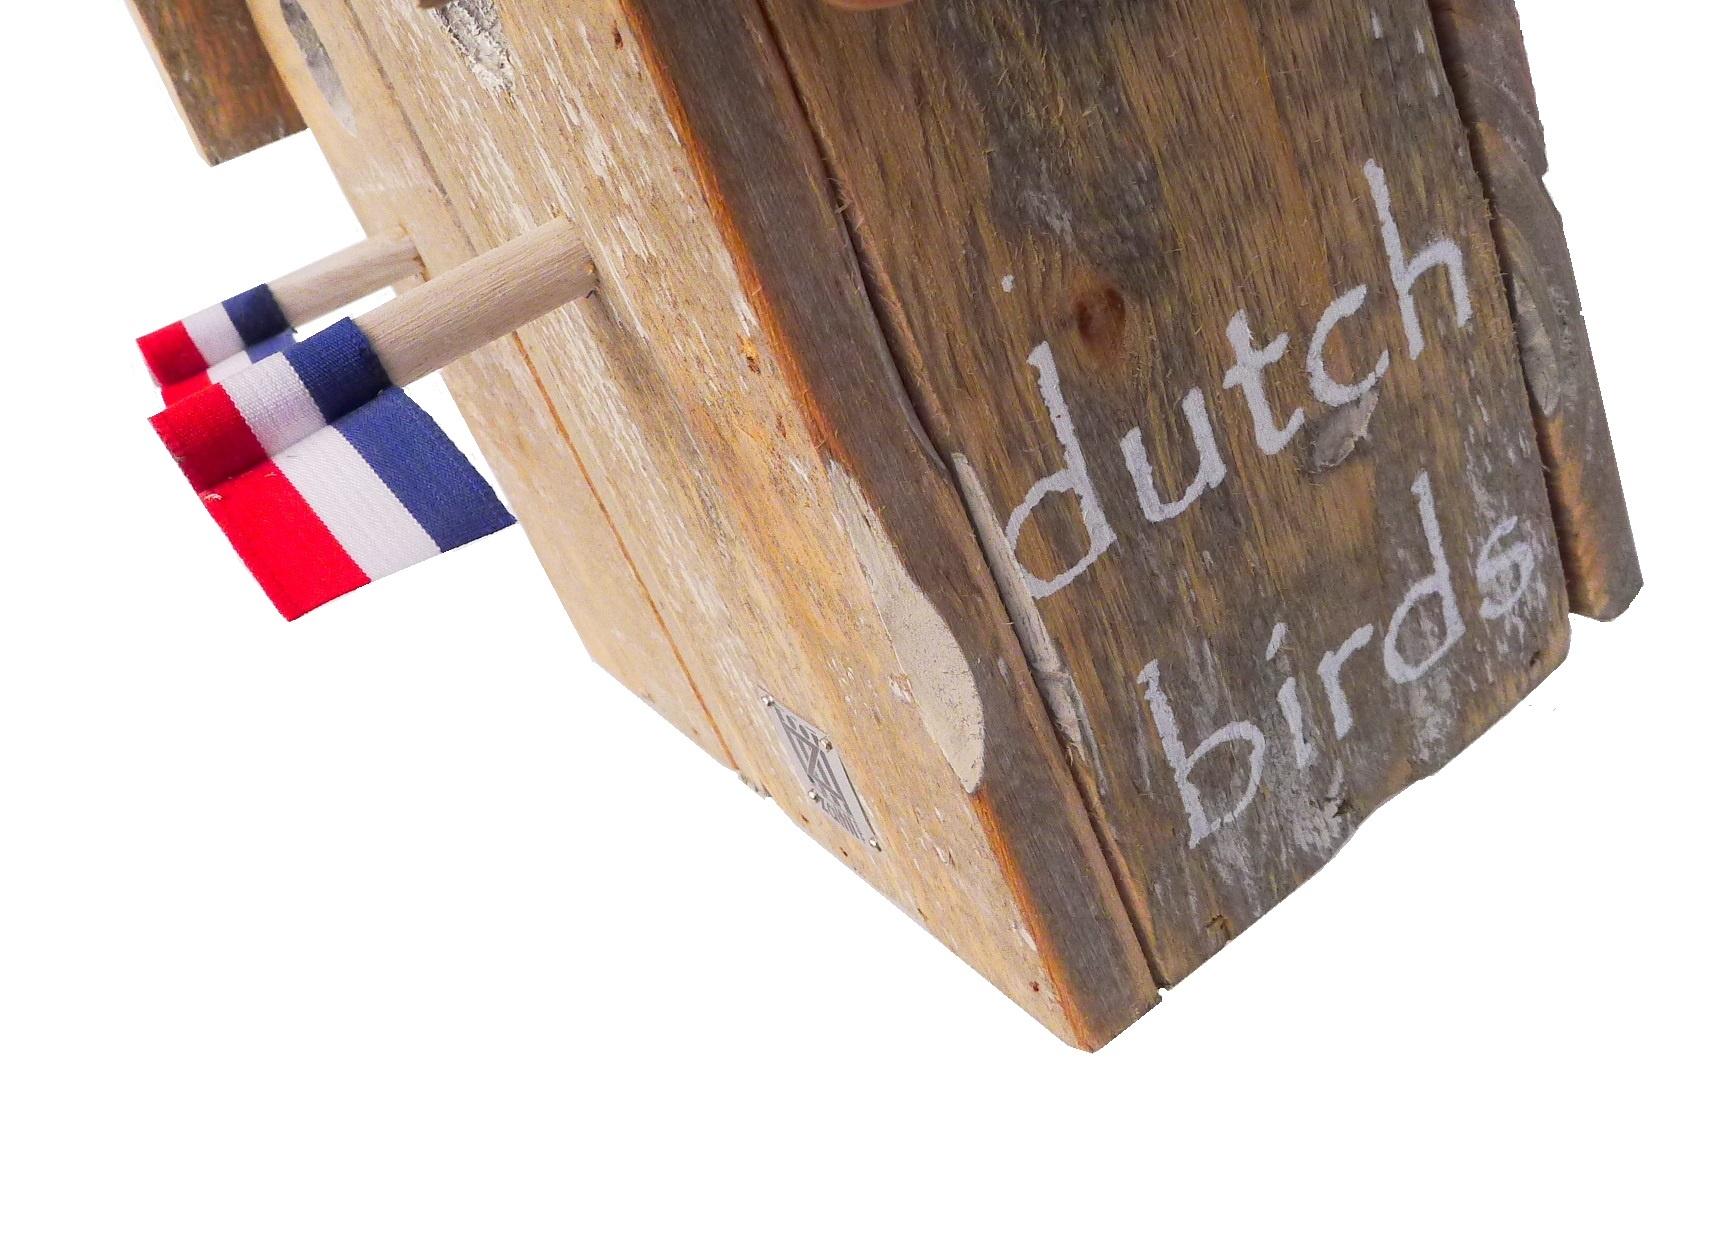 birdhouse old dutch 2 under 1 roof-3